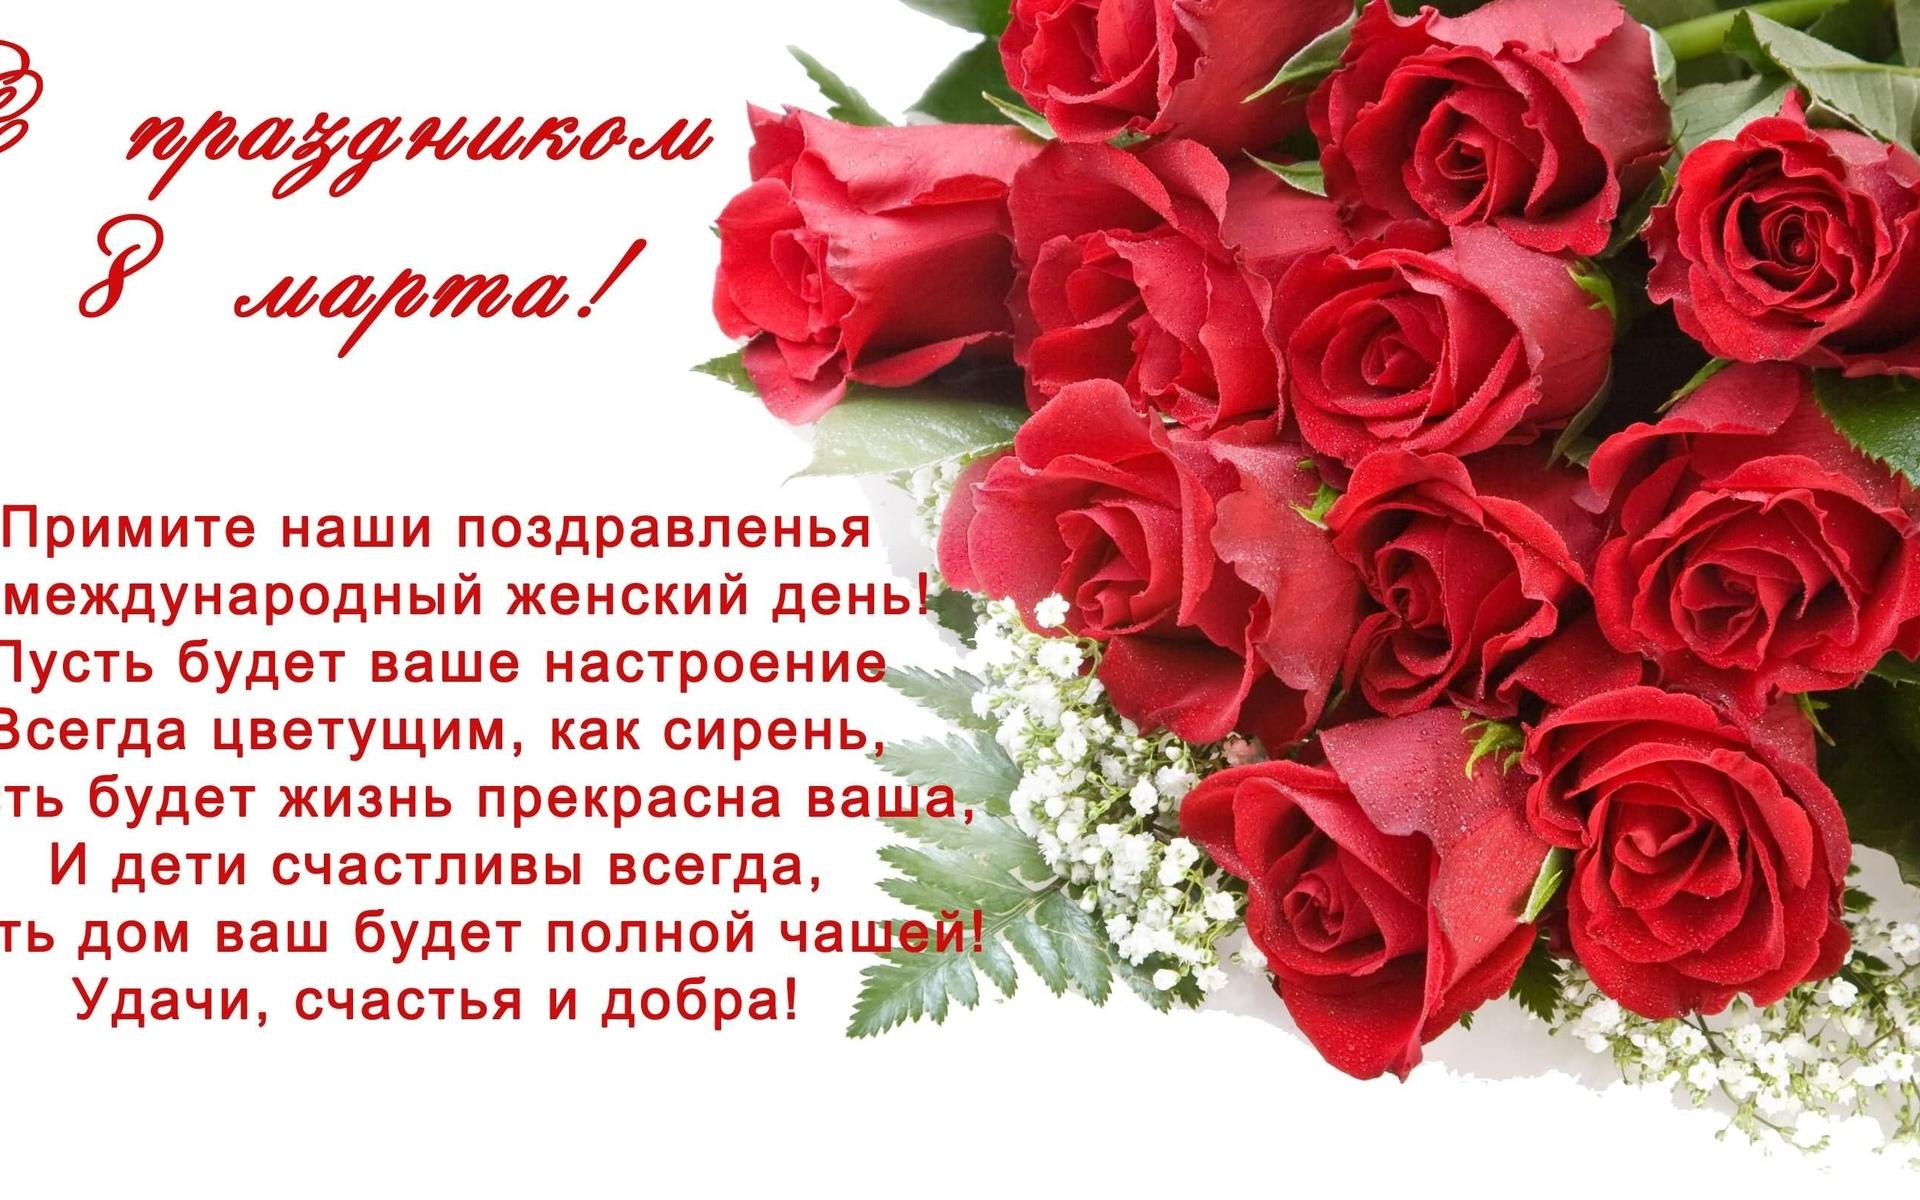 Поздравления с 8 Марта для женщин, девушек в картинках фото